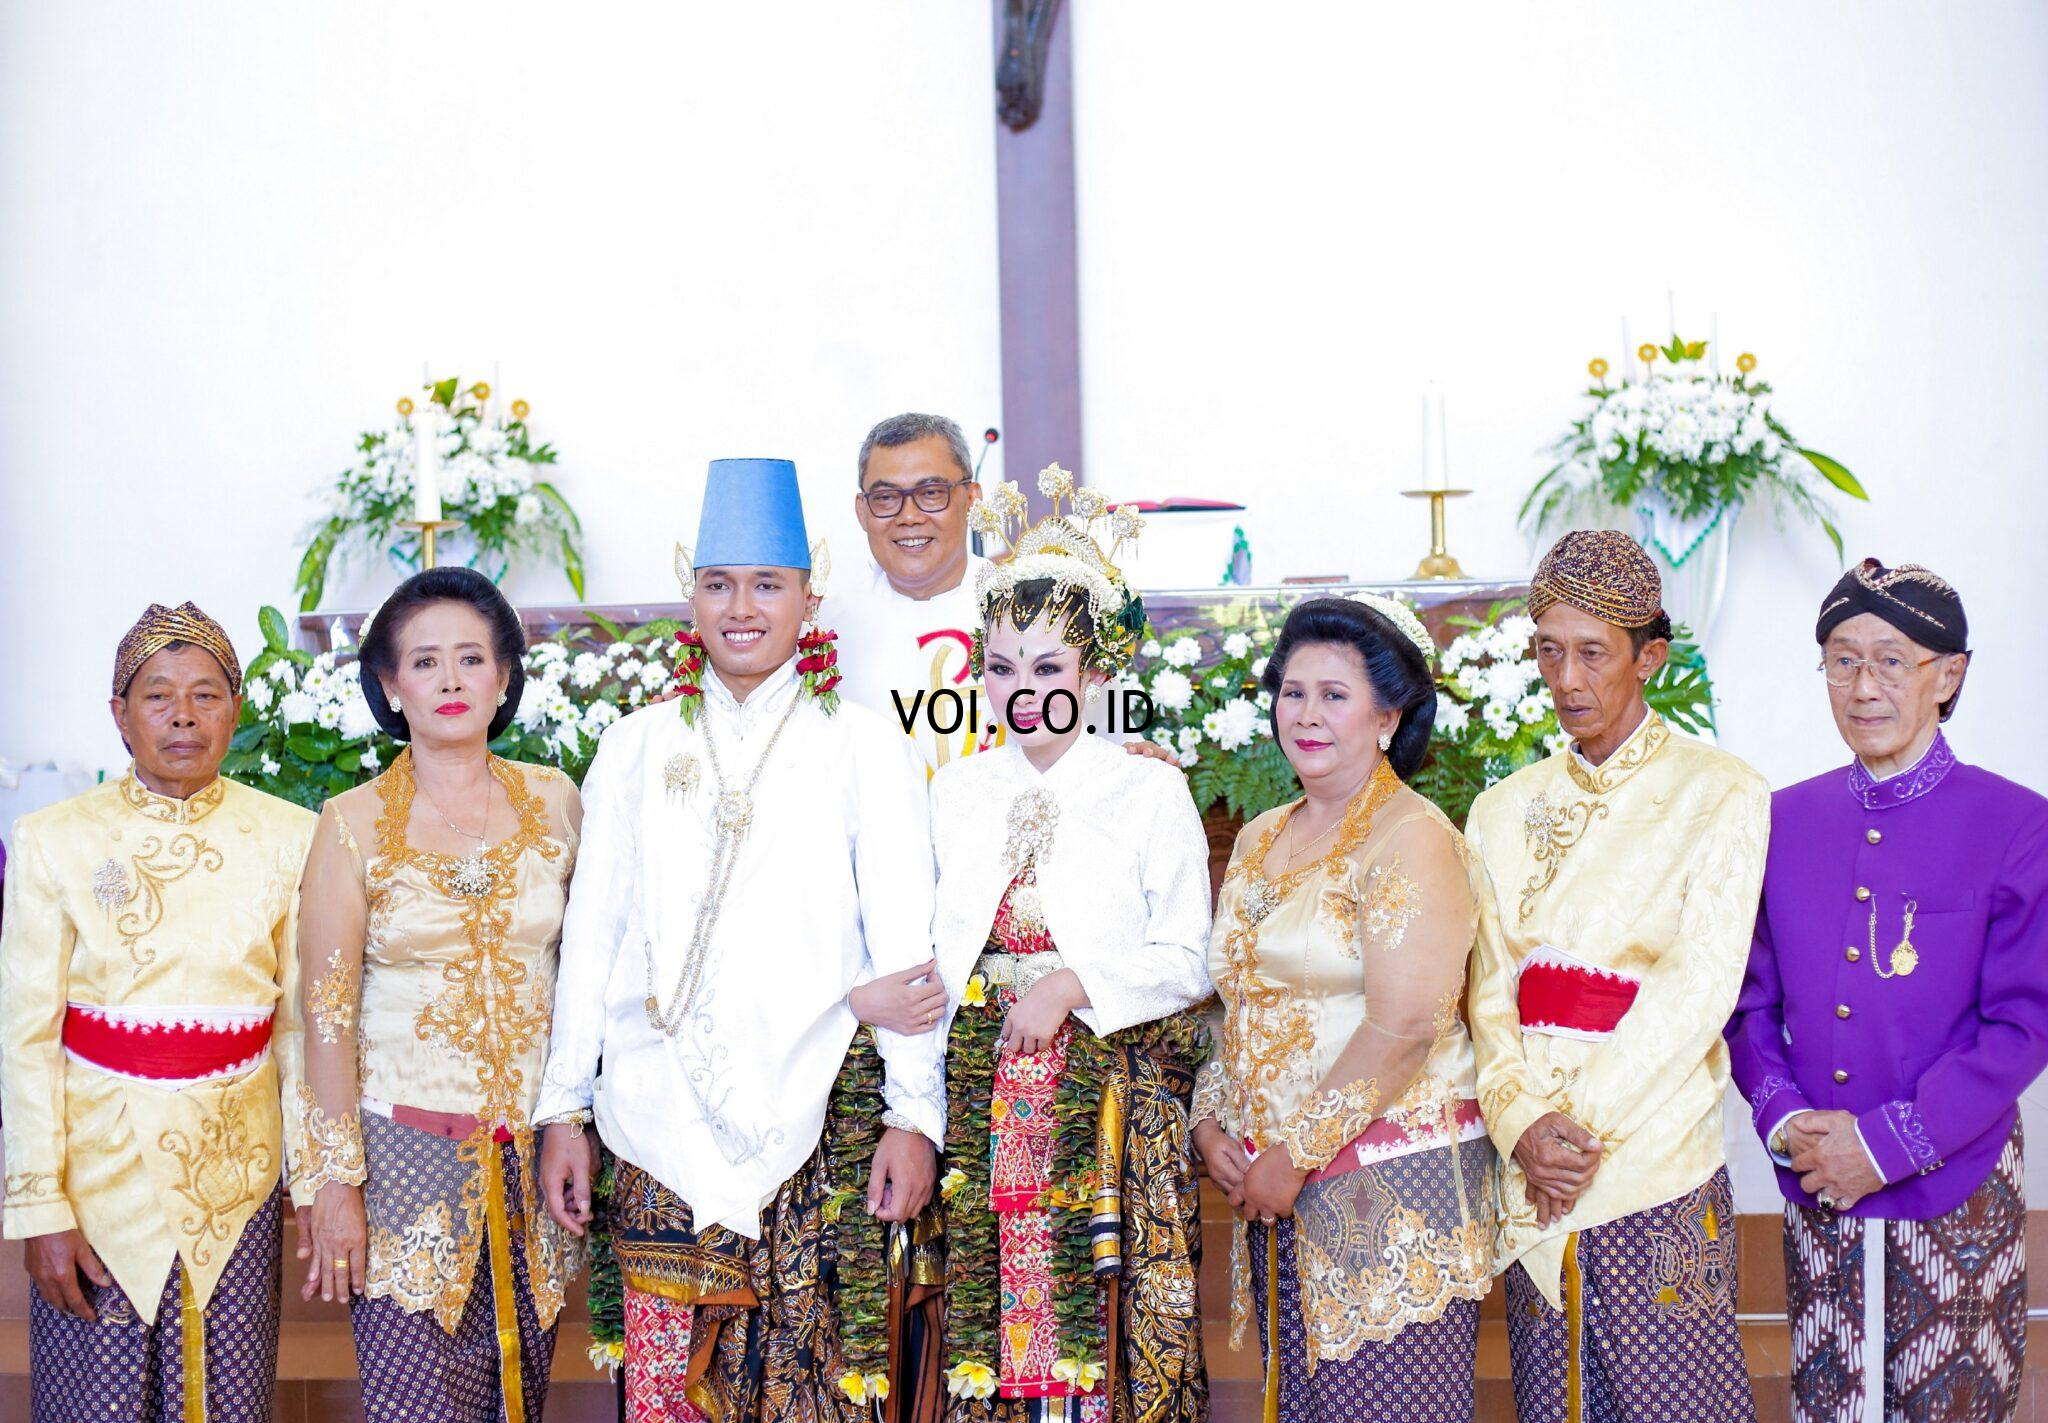 Contoh-Seni-Budaya-Nusantara-Indonesia-Pakaian-Adat-Yogyakarta